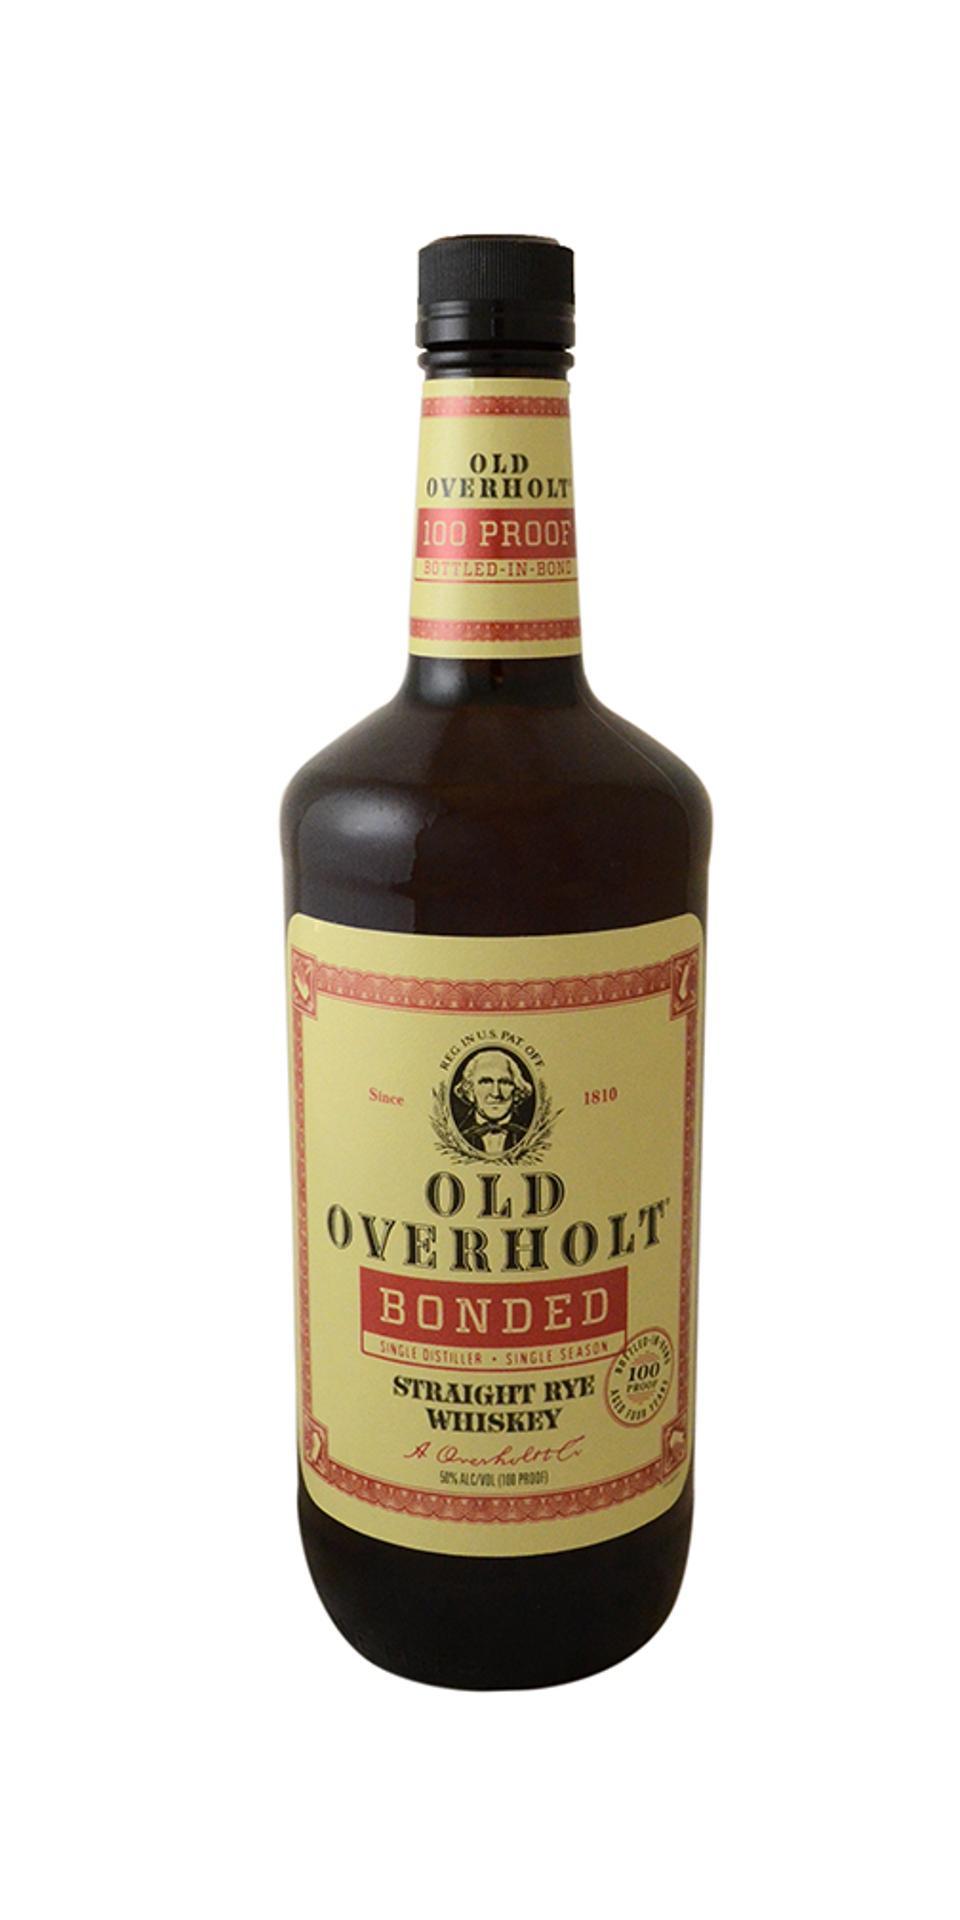 Old Overholt, Bottled in Bond, Straight Rye Whiskey